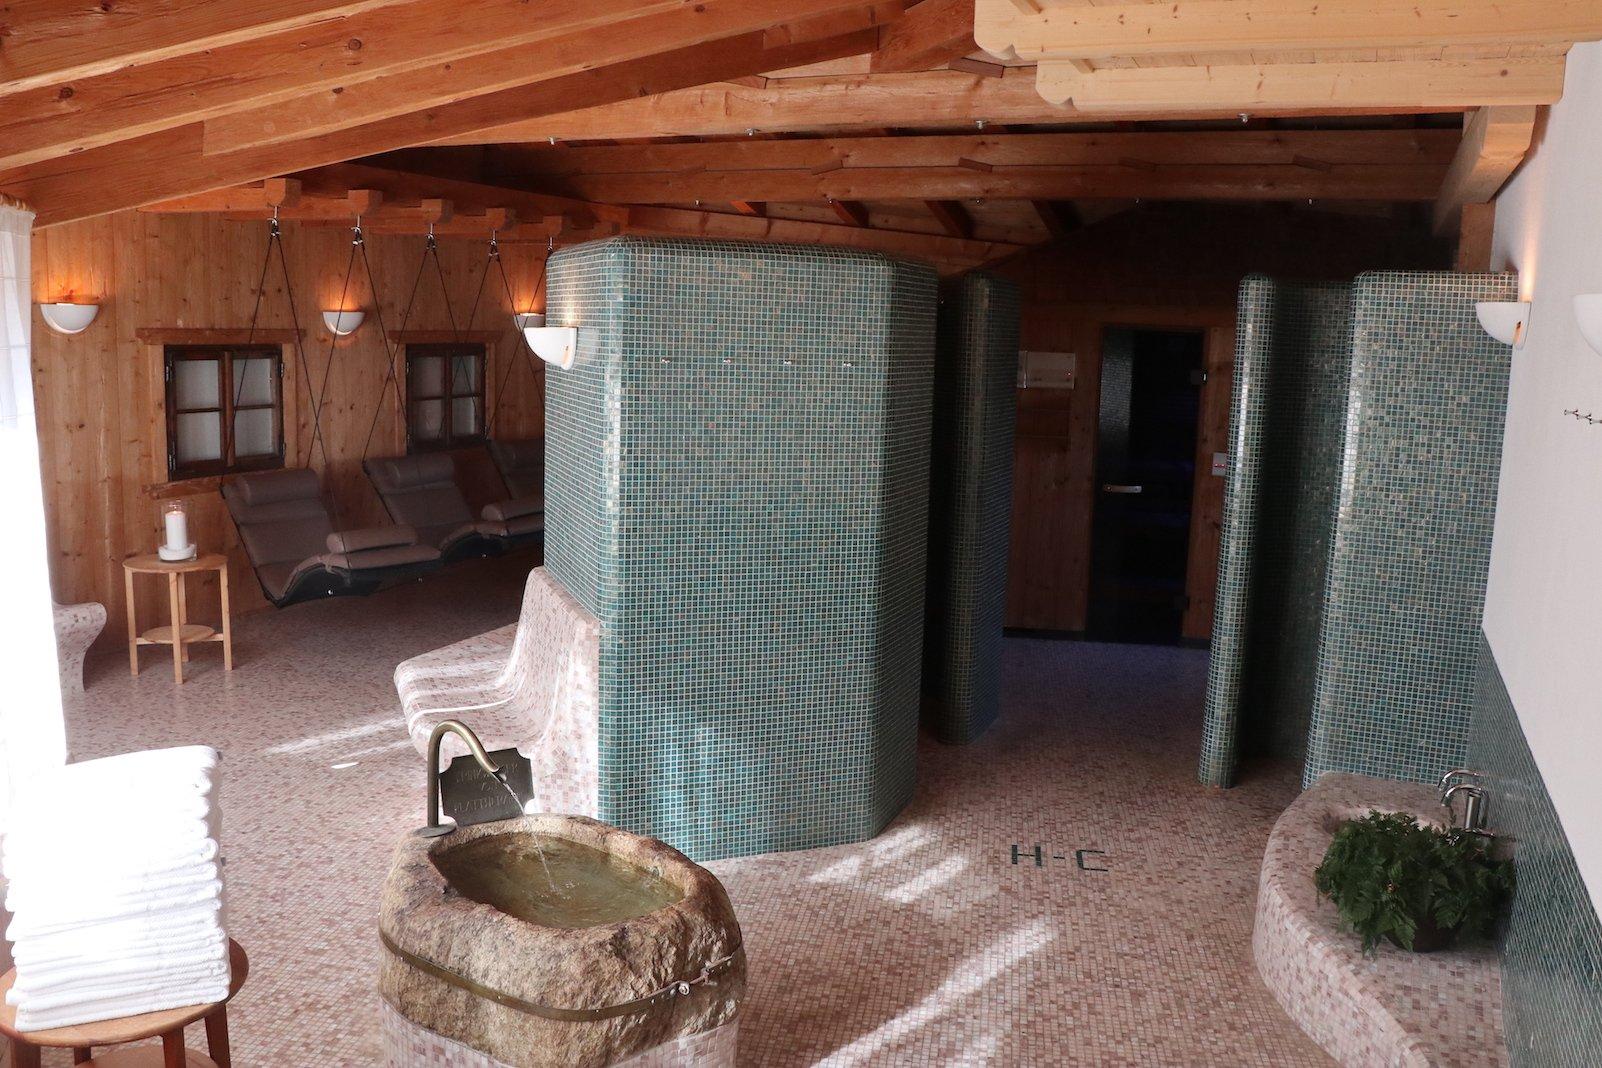 Der Spabereich des Hotels Tanzer - vorne Brunnen mit Trinkwasser, rechts hinten Sauna, links hinten Hängeliegen